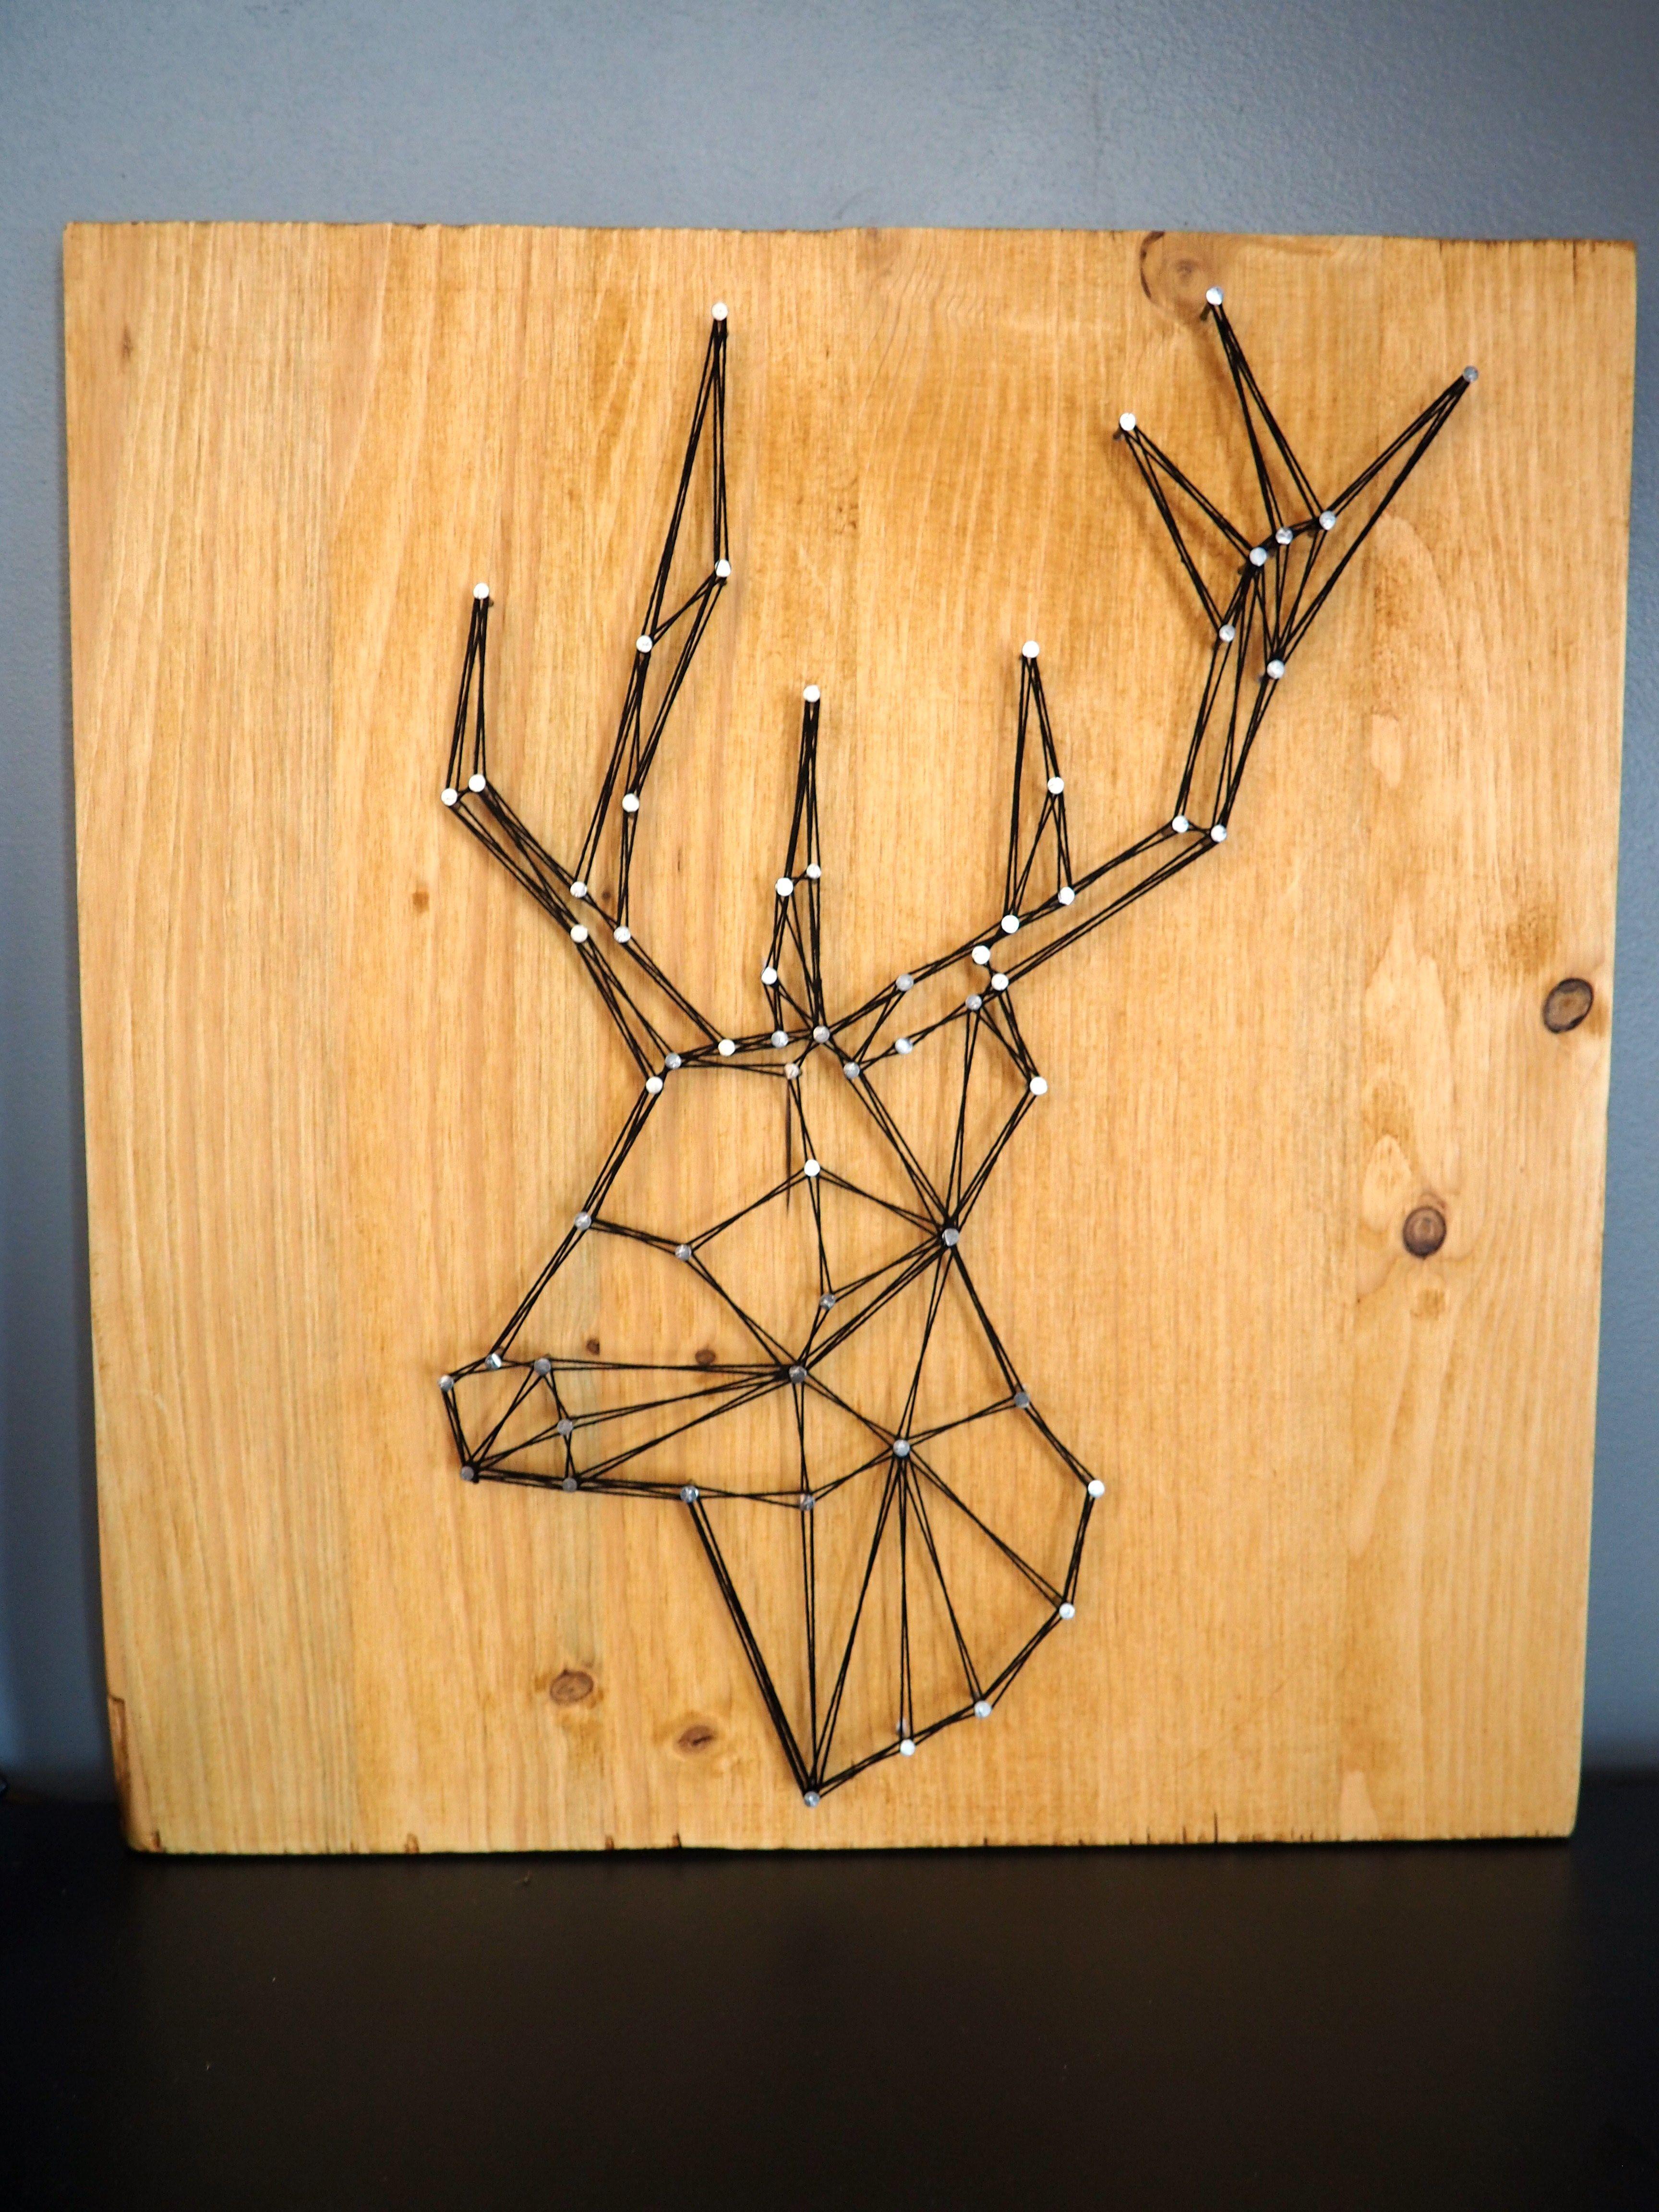 Tête de cerf en string art géométrique | ideas | Pinterest | String ...